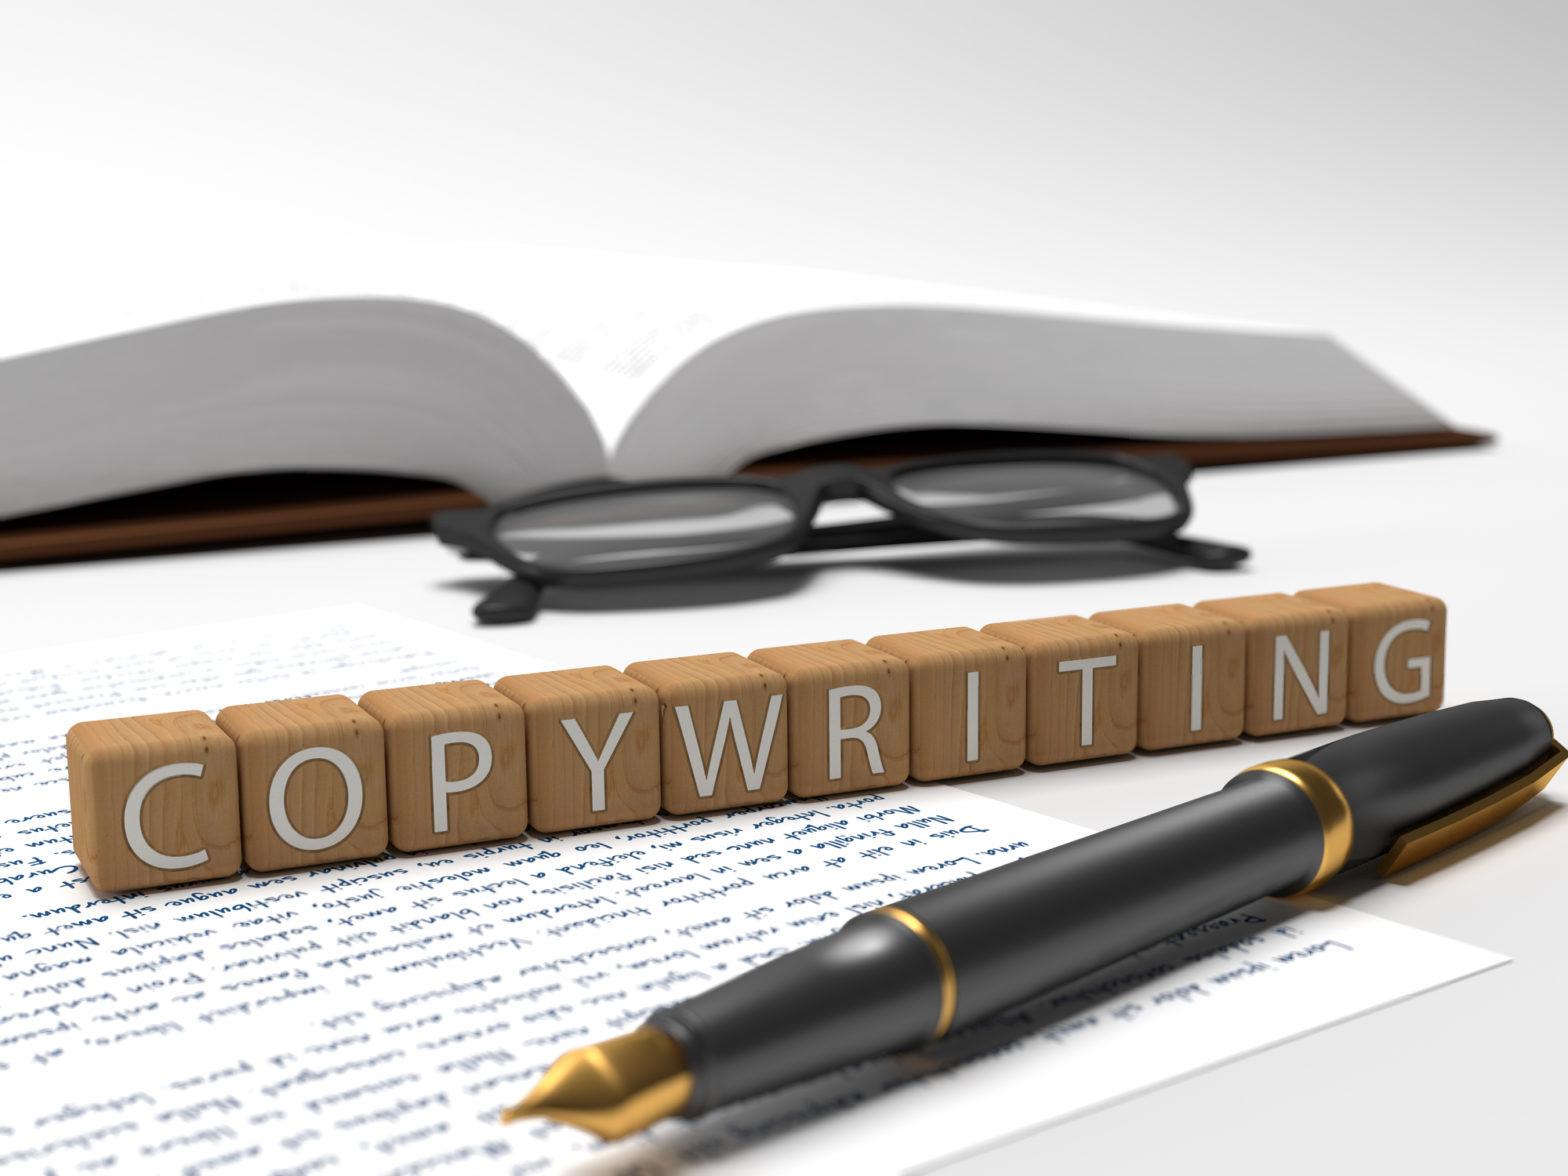 copywriting-adalah-copywriting-adalah-definisi-fungsi-dan-cara-kerja-copywriting